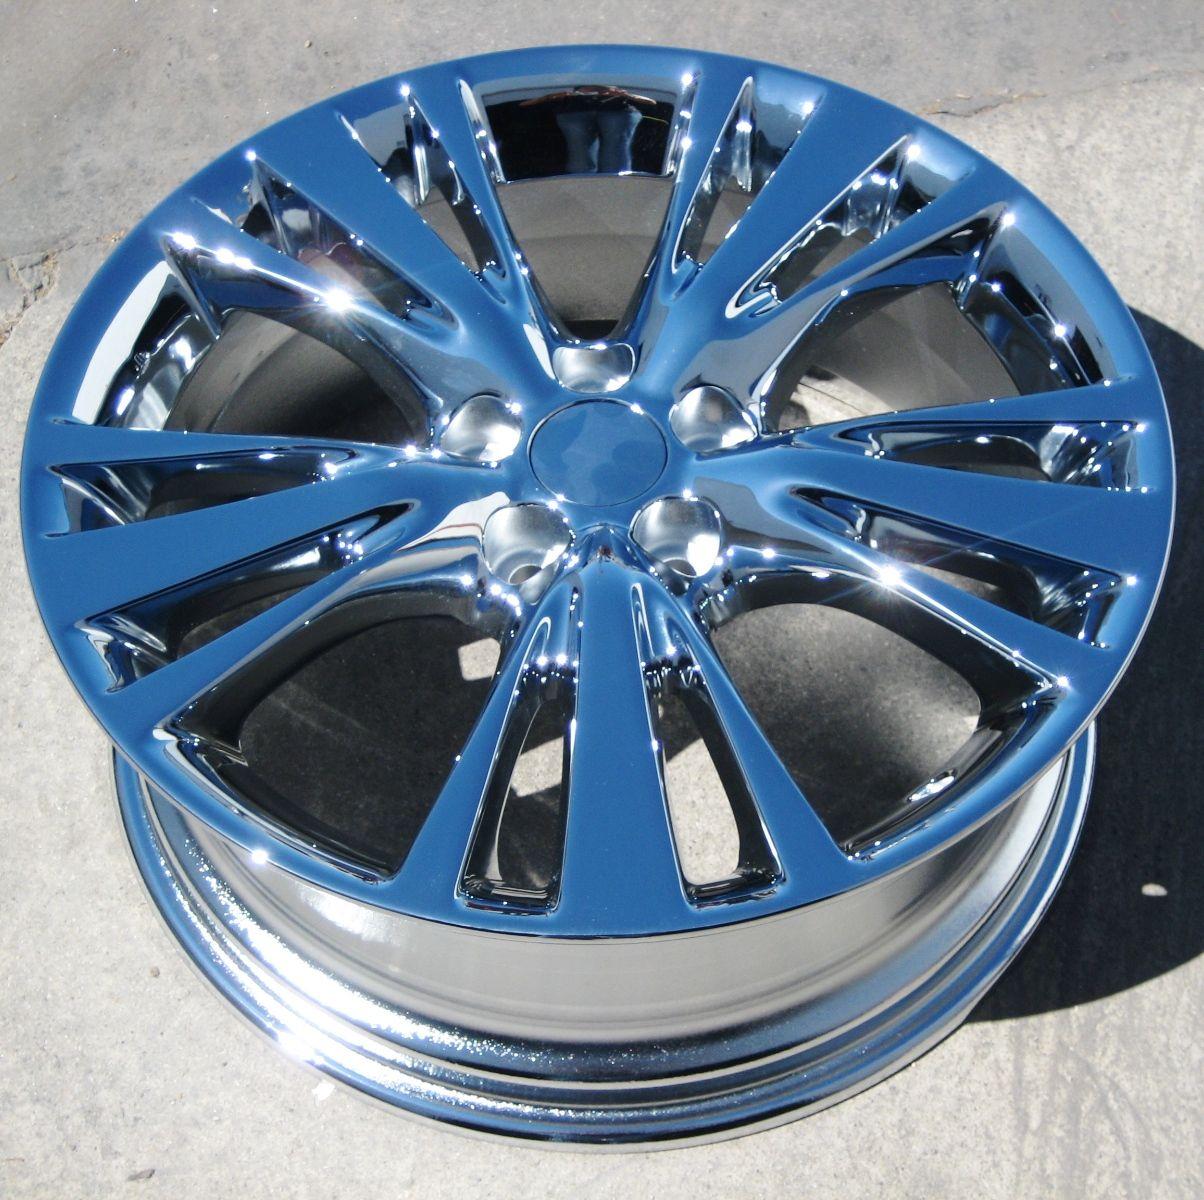 Stock 4 New 19 Factory Lexus RX350 RX450H Chrome Wheels Rims